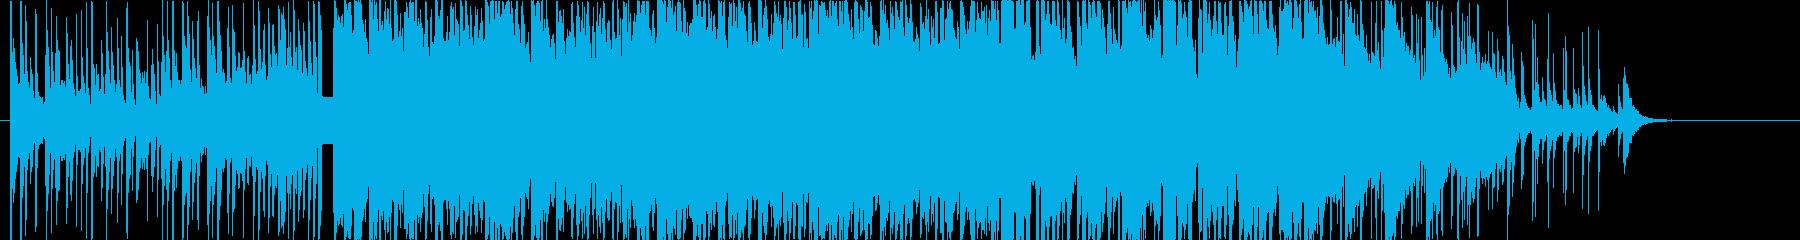 激しくダークな三味線ロック-短縮版-の再生済みの波形